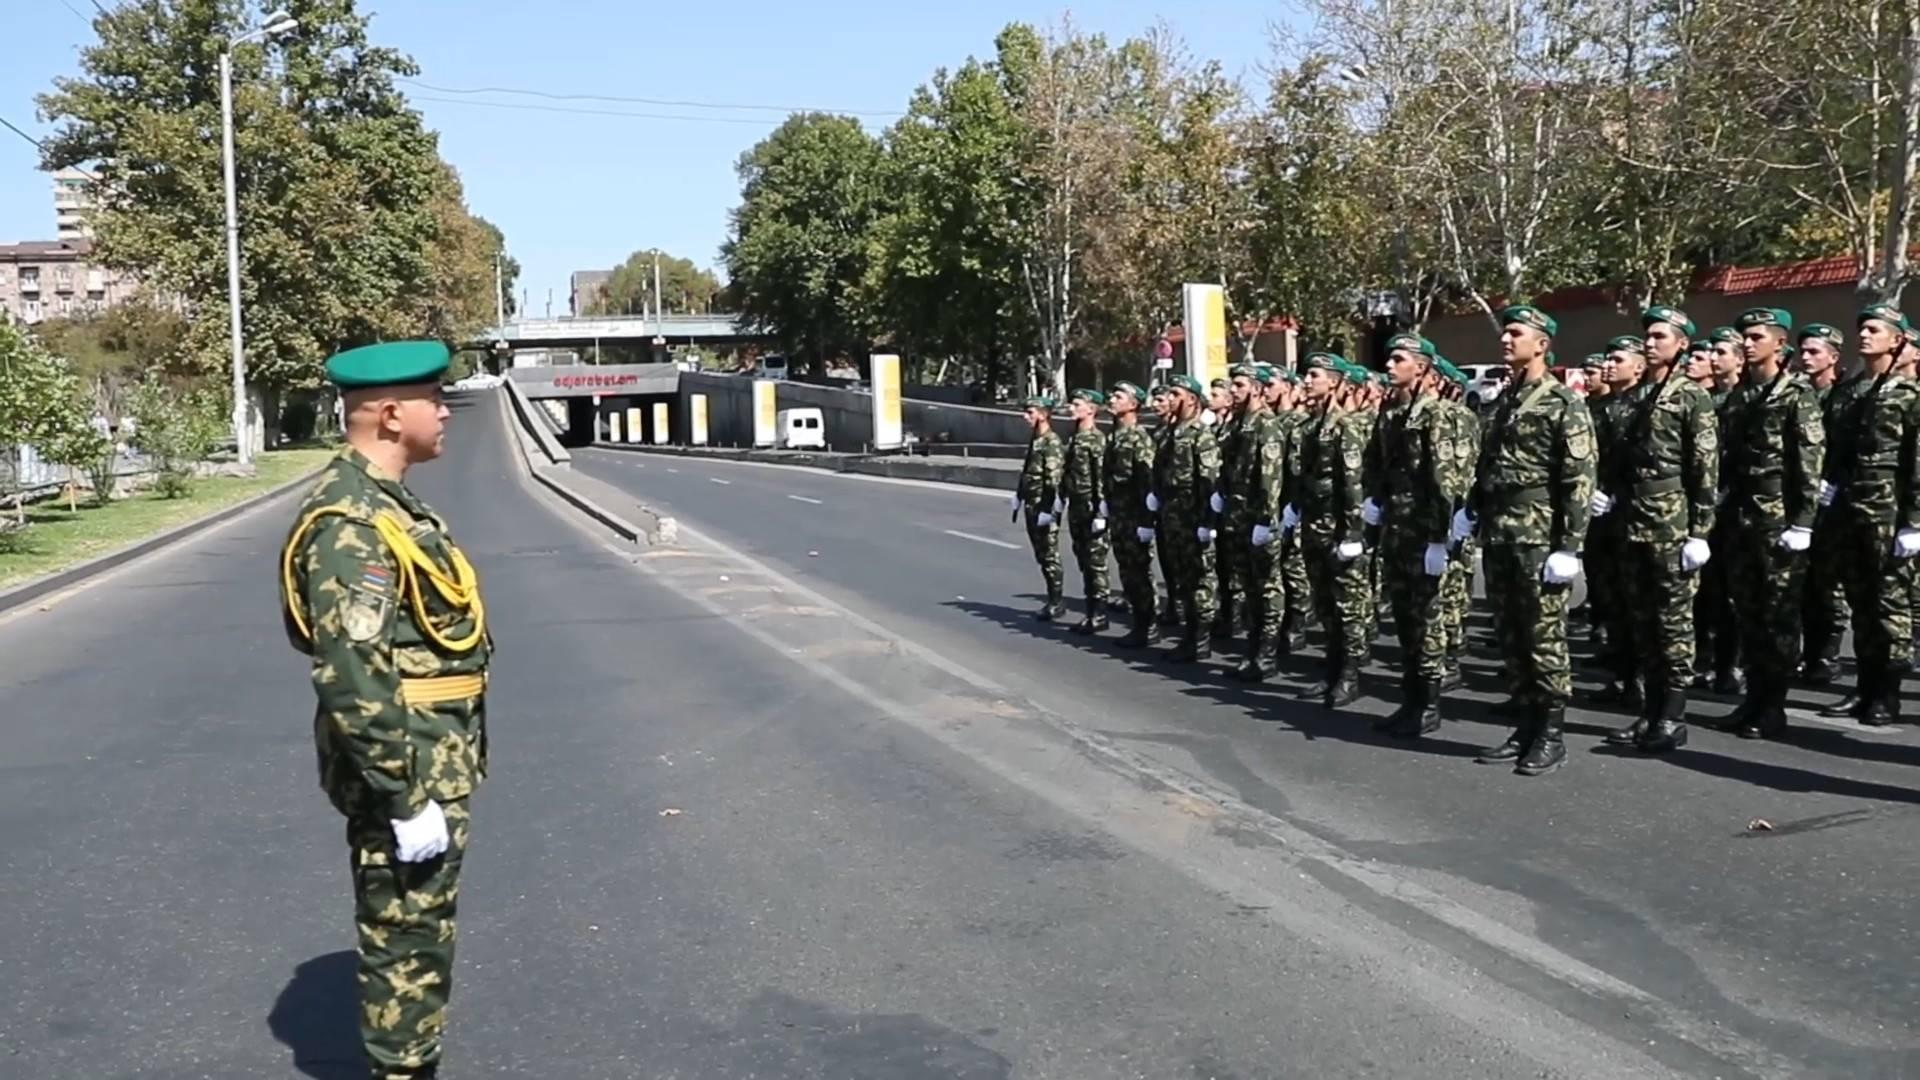 ՀՀ ԱԱԾ սահմանապահ զորքերի զինծառայողները շարային քայլերթով նշեցին Հայաստանի Հանրապետության անկախության տոնը (տեսանյութ)